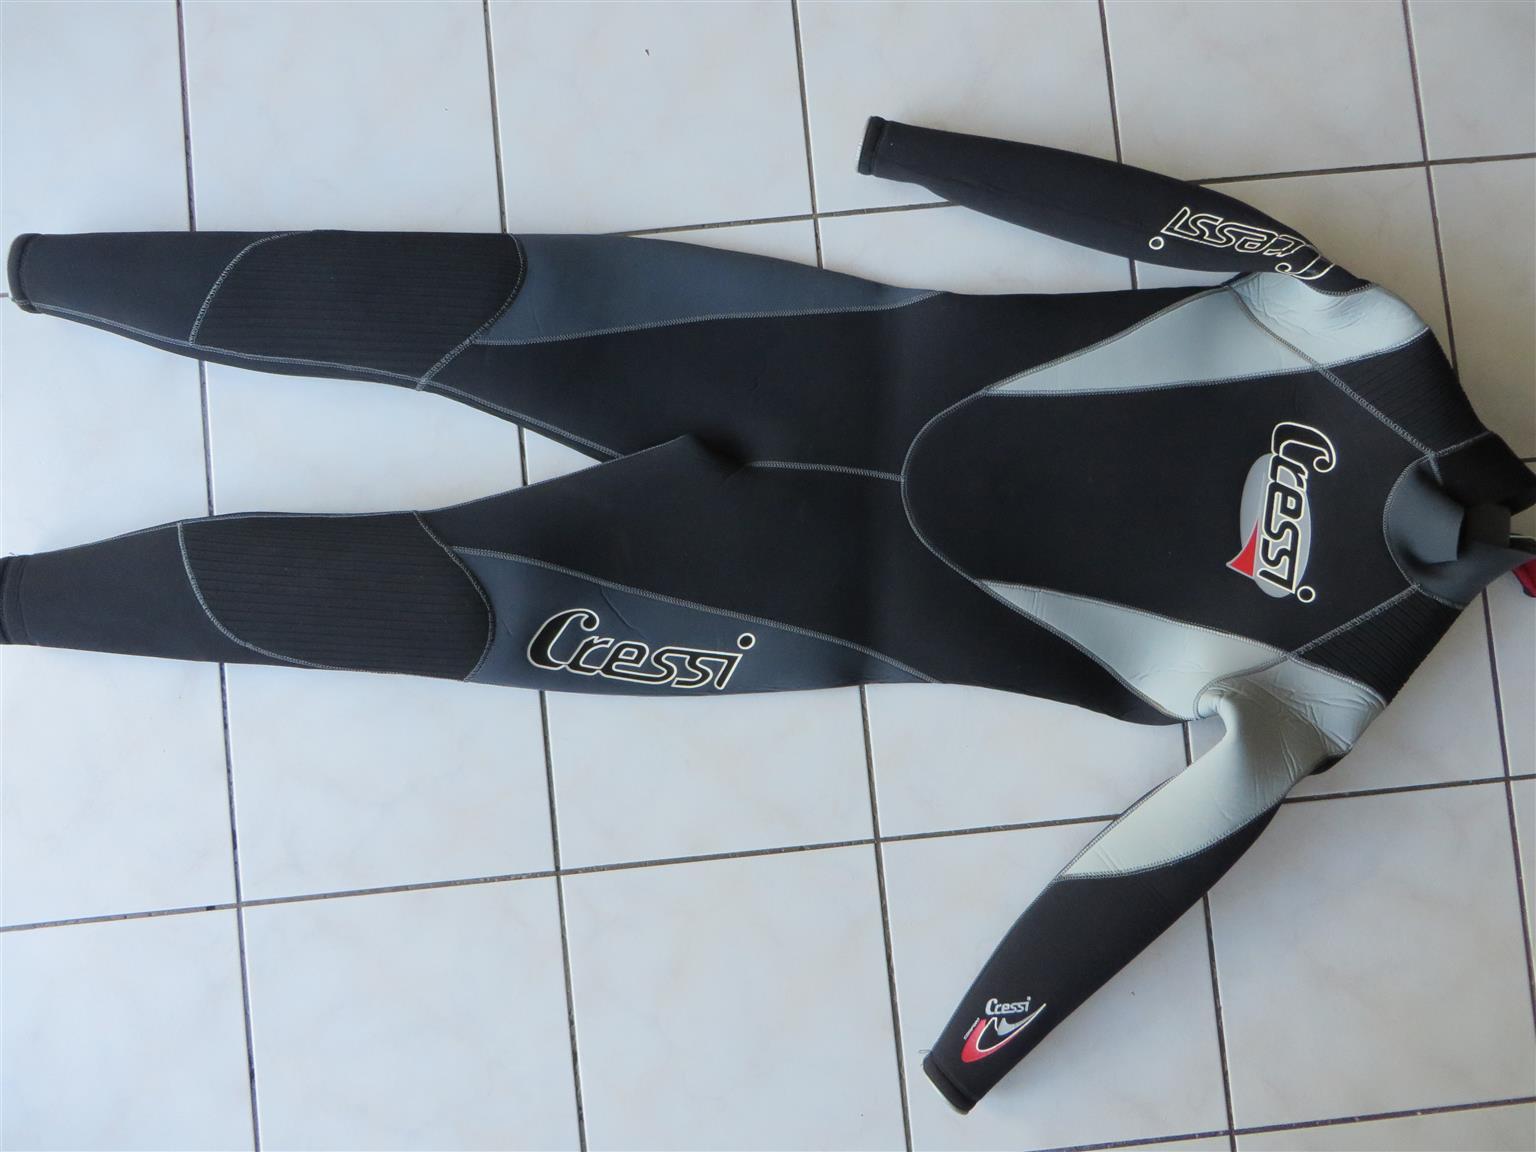 Scuba diving - wet suit